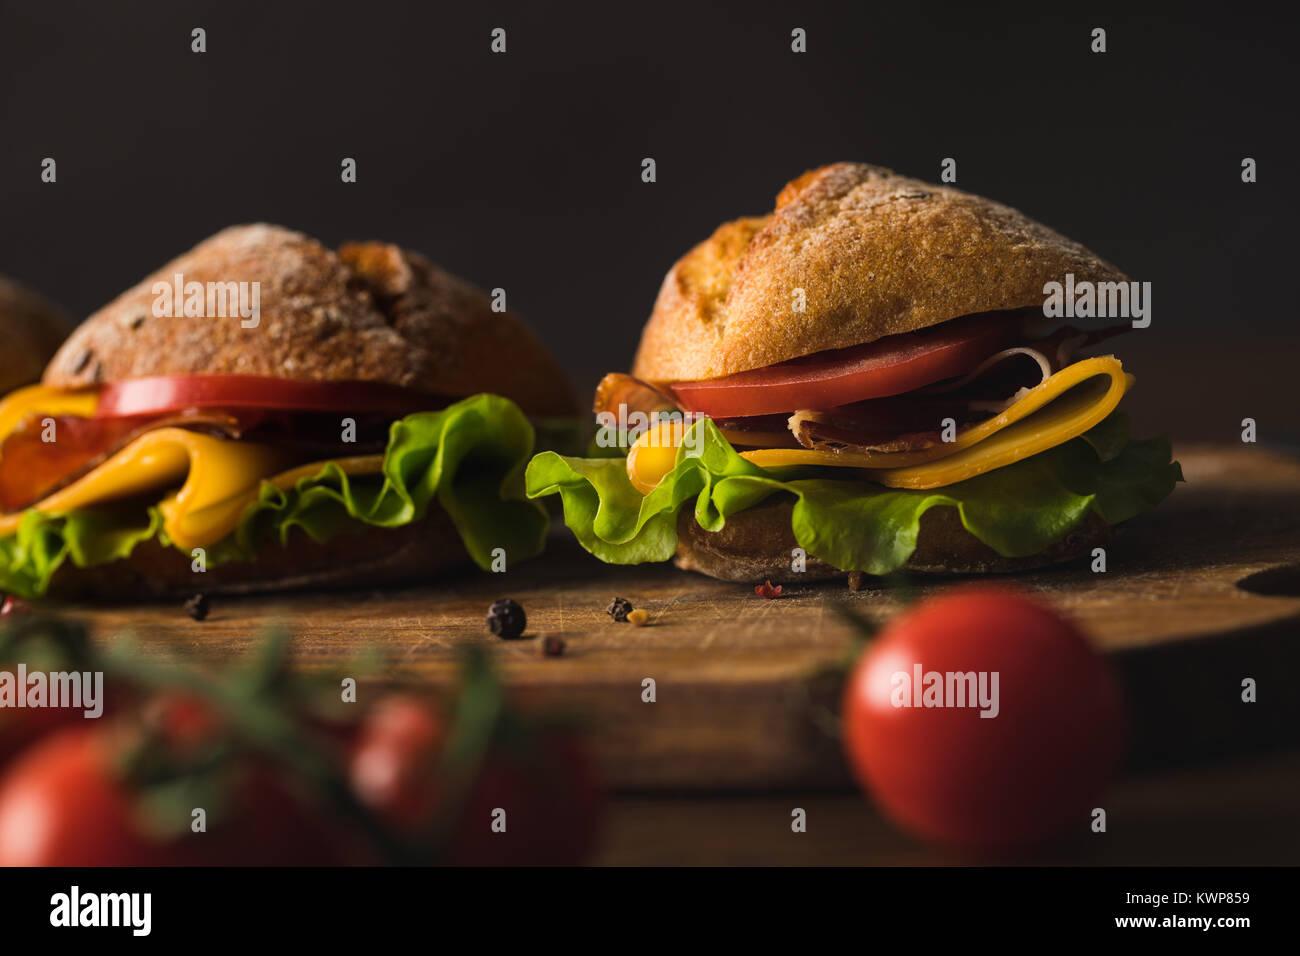 Des sandwichs avec du fromage sur planche de bois sur table avec tomates cerise sur le premier plan Photo Stock